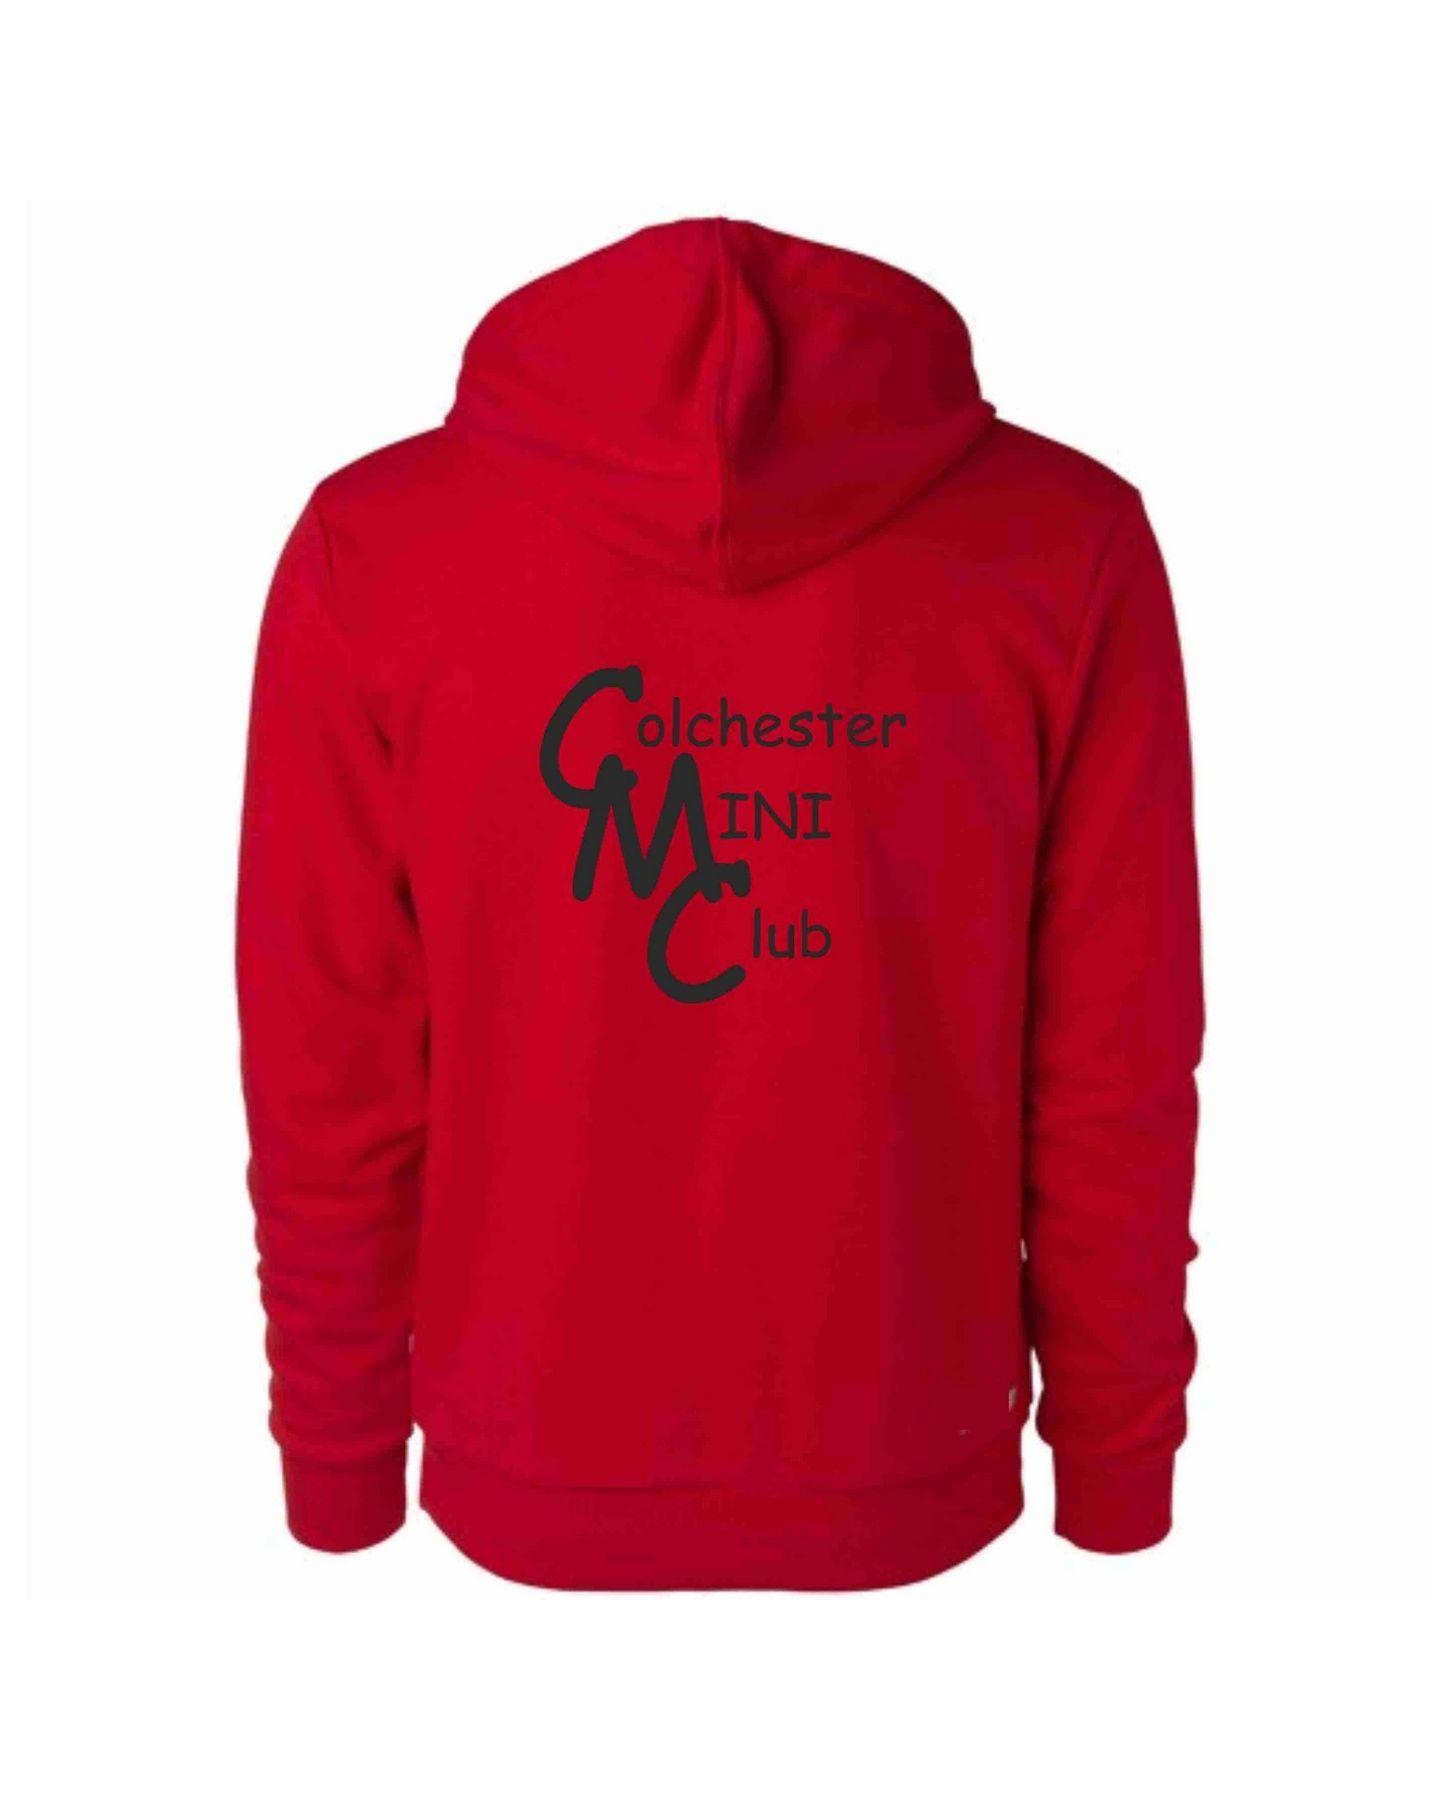 CMC – Uneek Zip Hoodie in Red